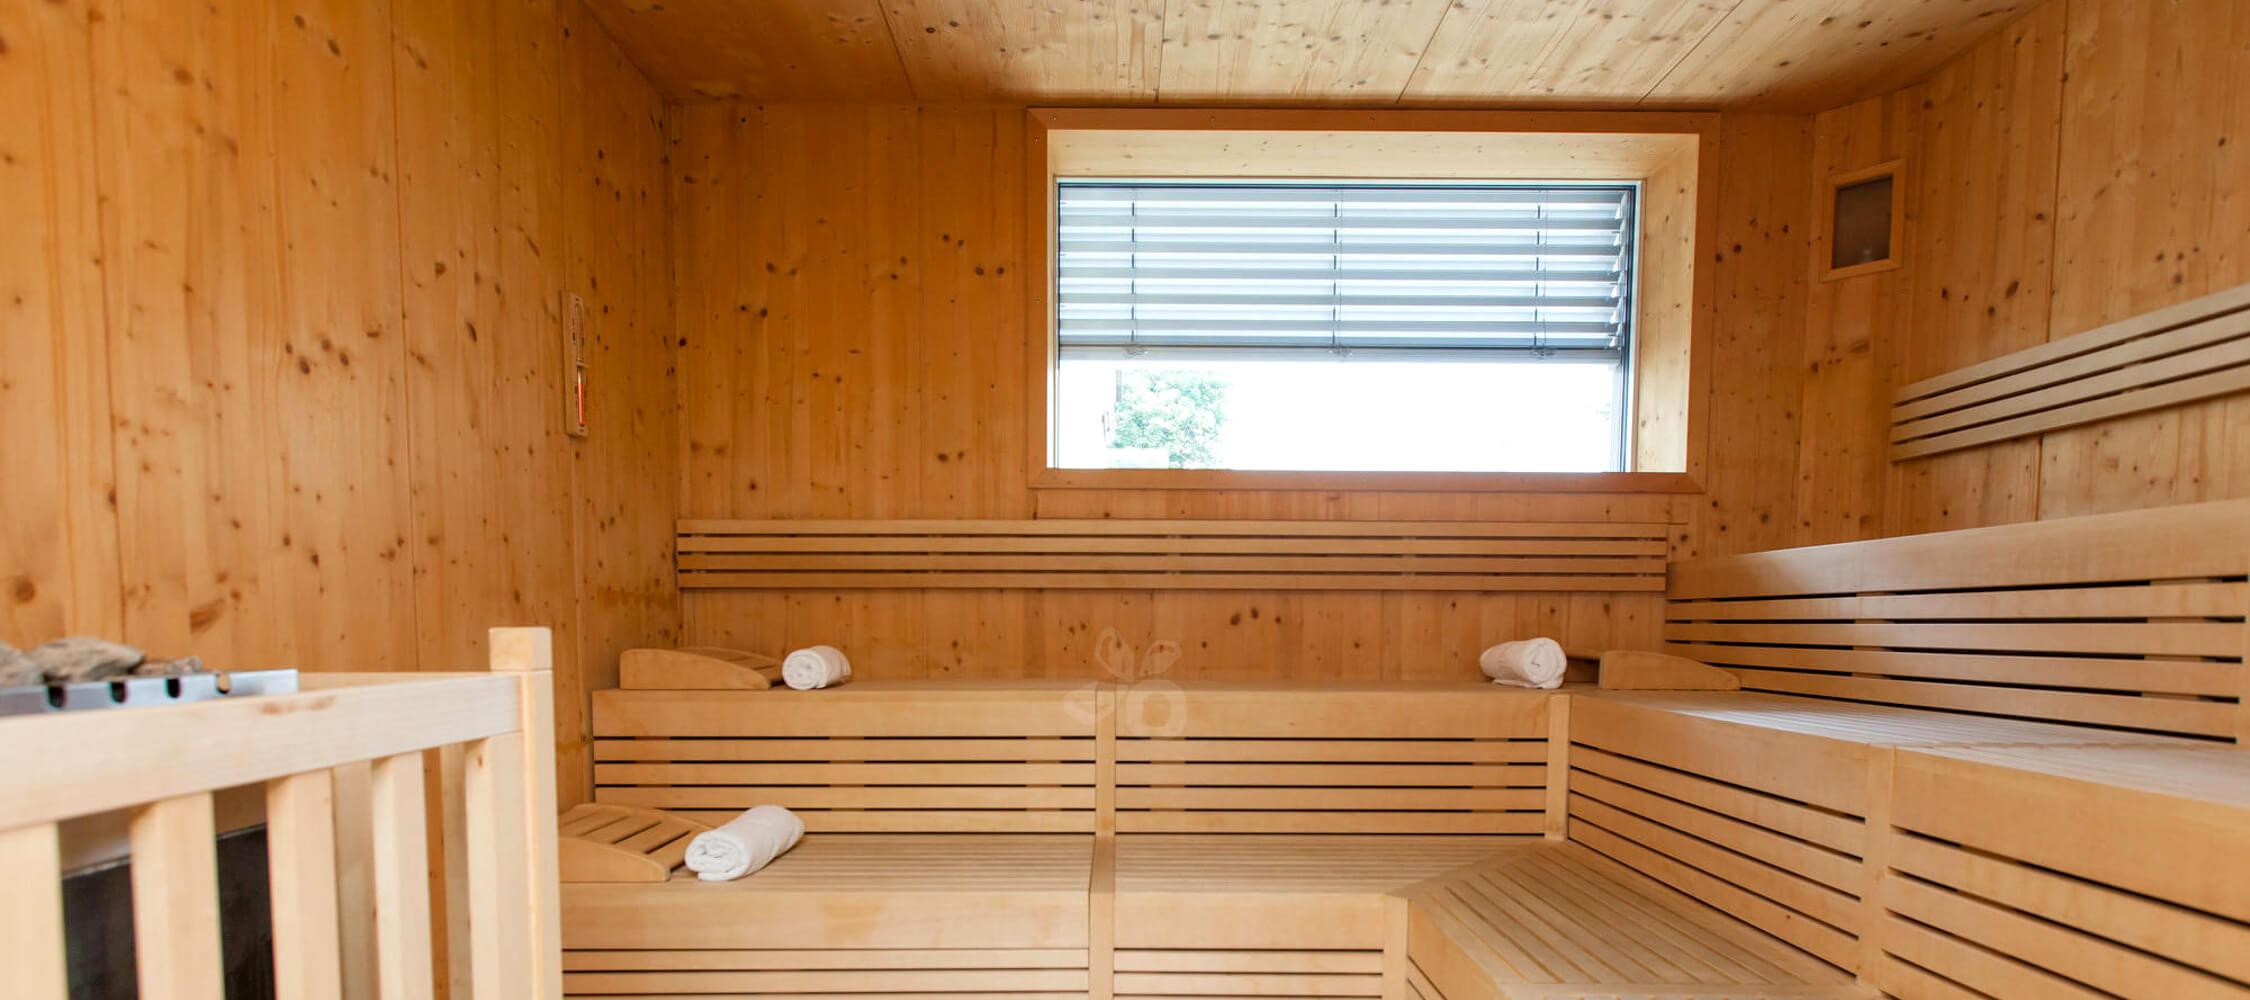 City Hotel Meran, Spa, finnische Sauna, Dampfbad, Sonnenliegen, Ruheraum